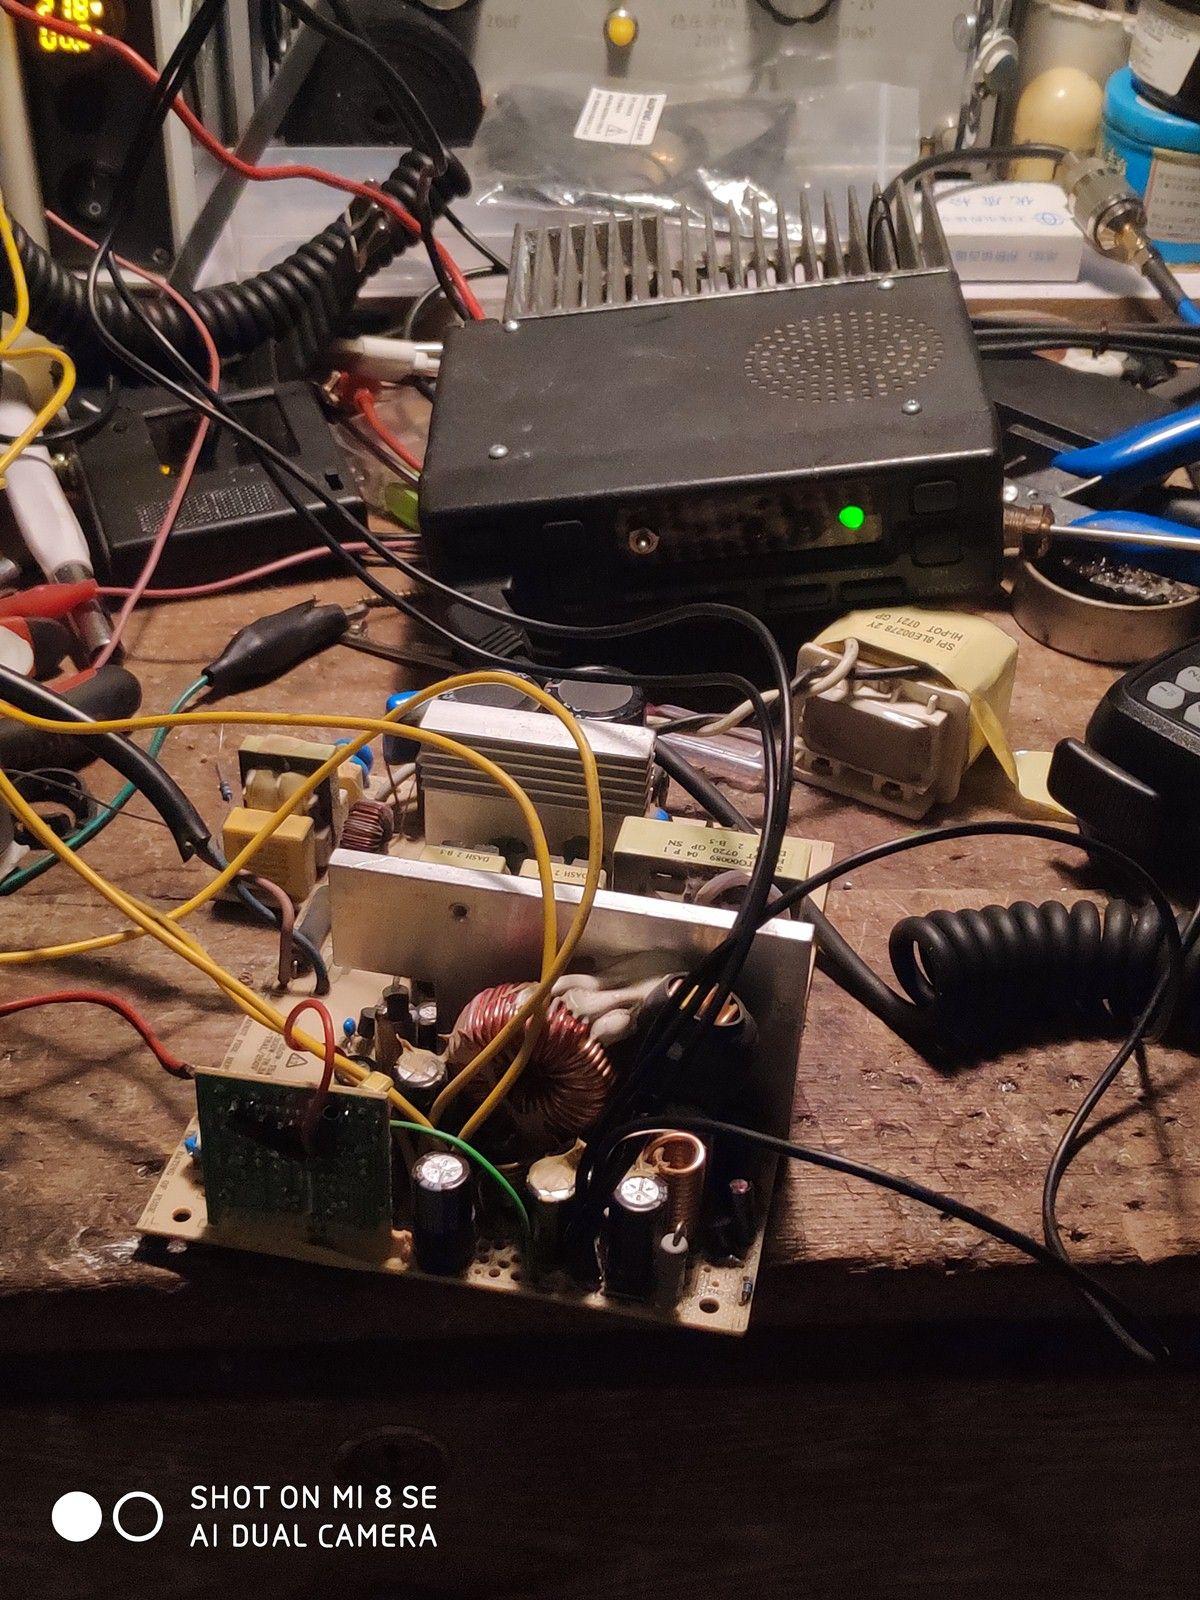 改台式机电源电压输出为13.8V用于车台供电BG4IRQ 1210-济南黄河业余无线电439.110